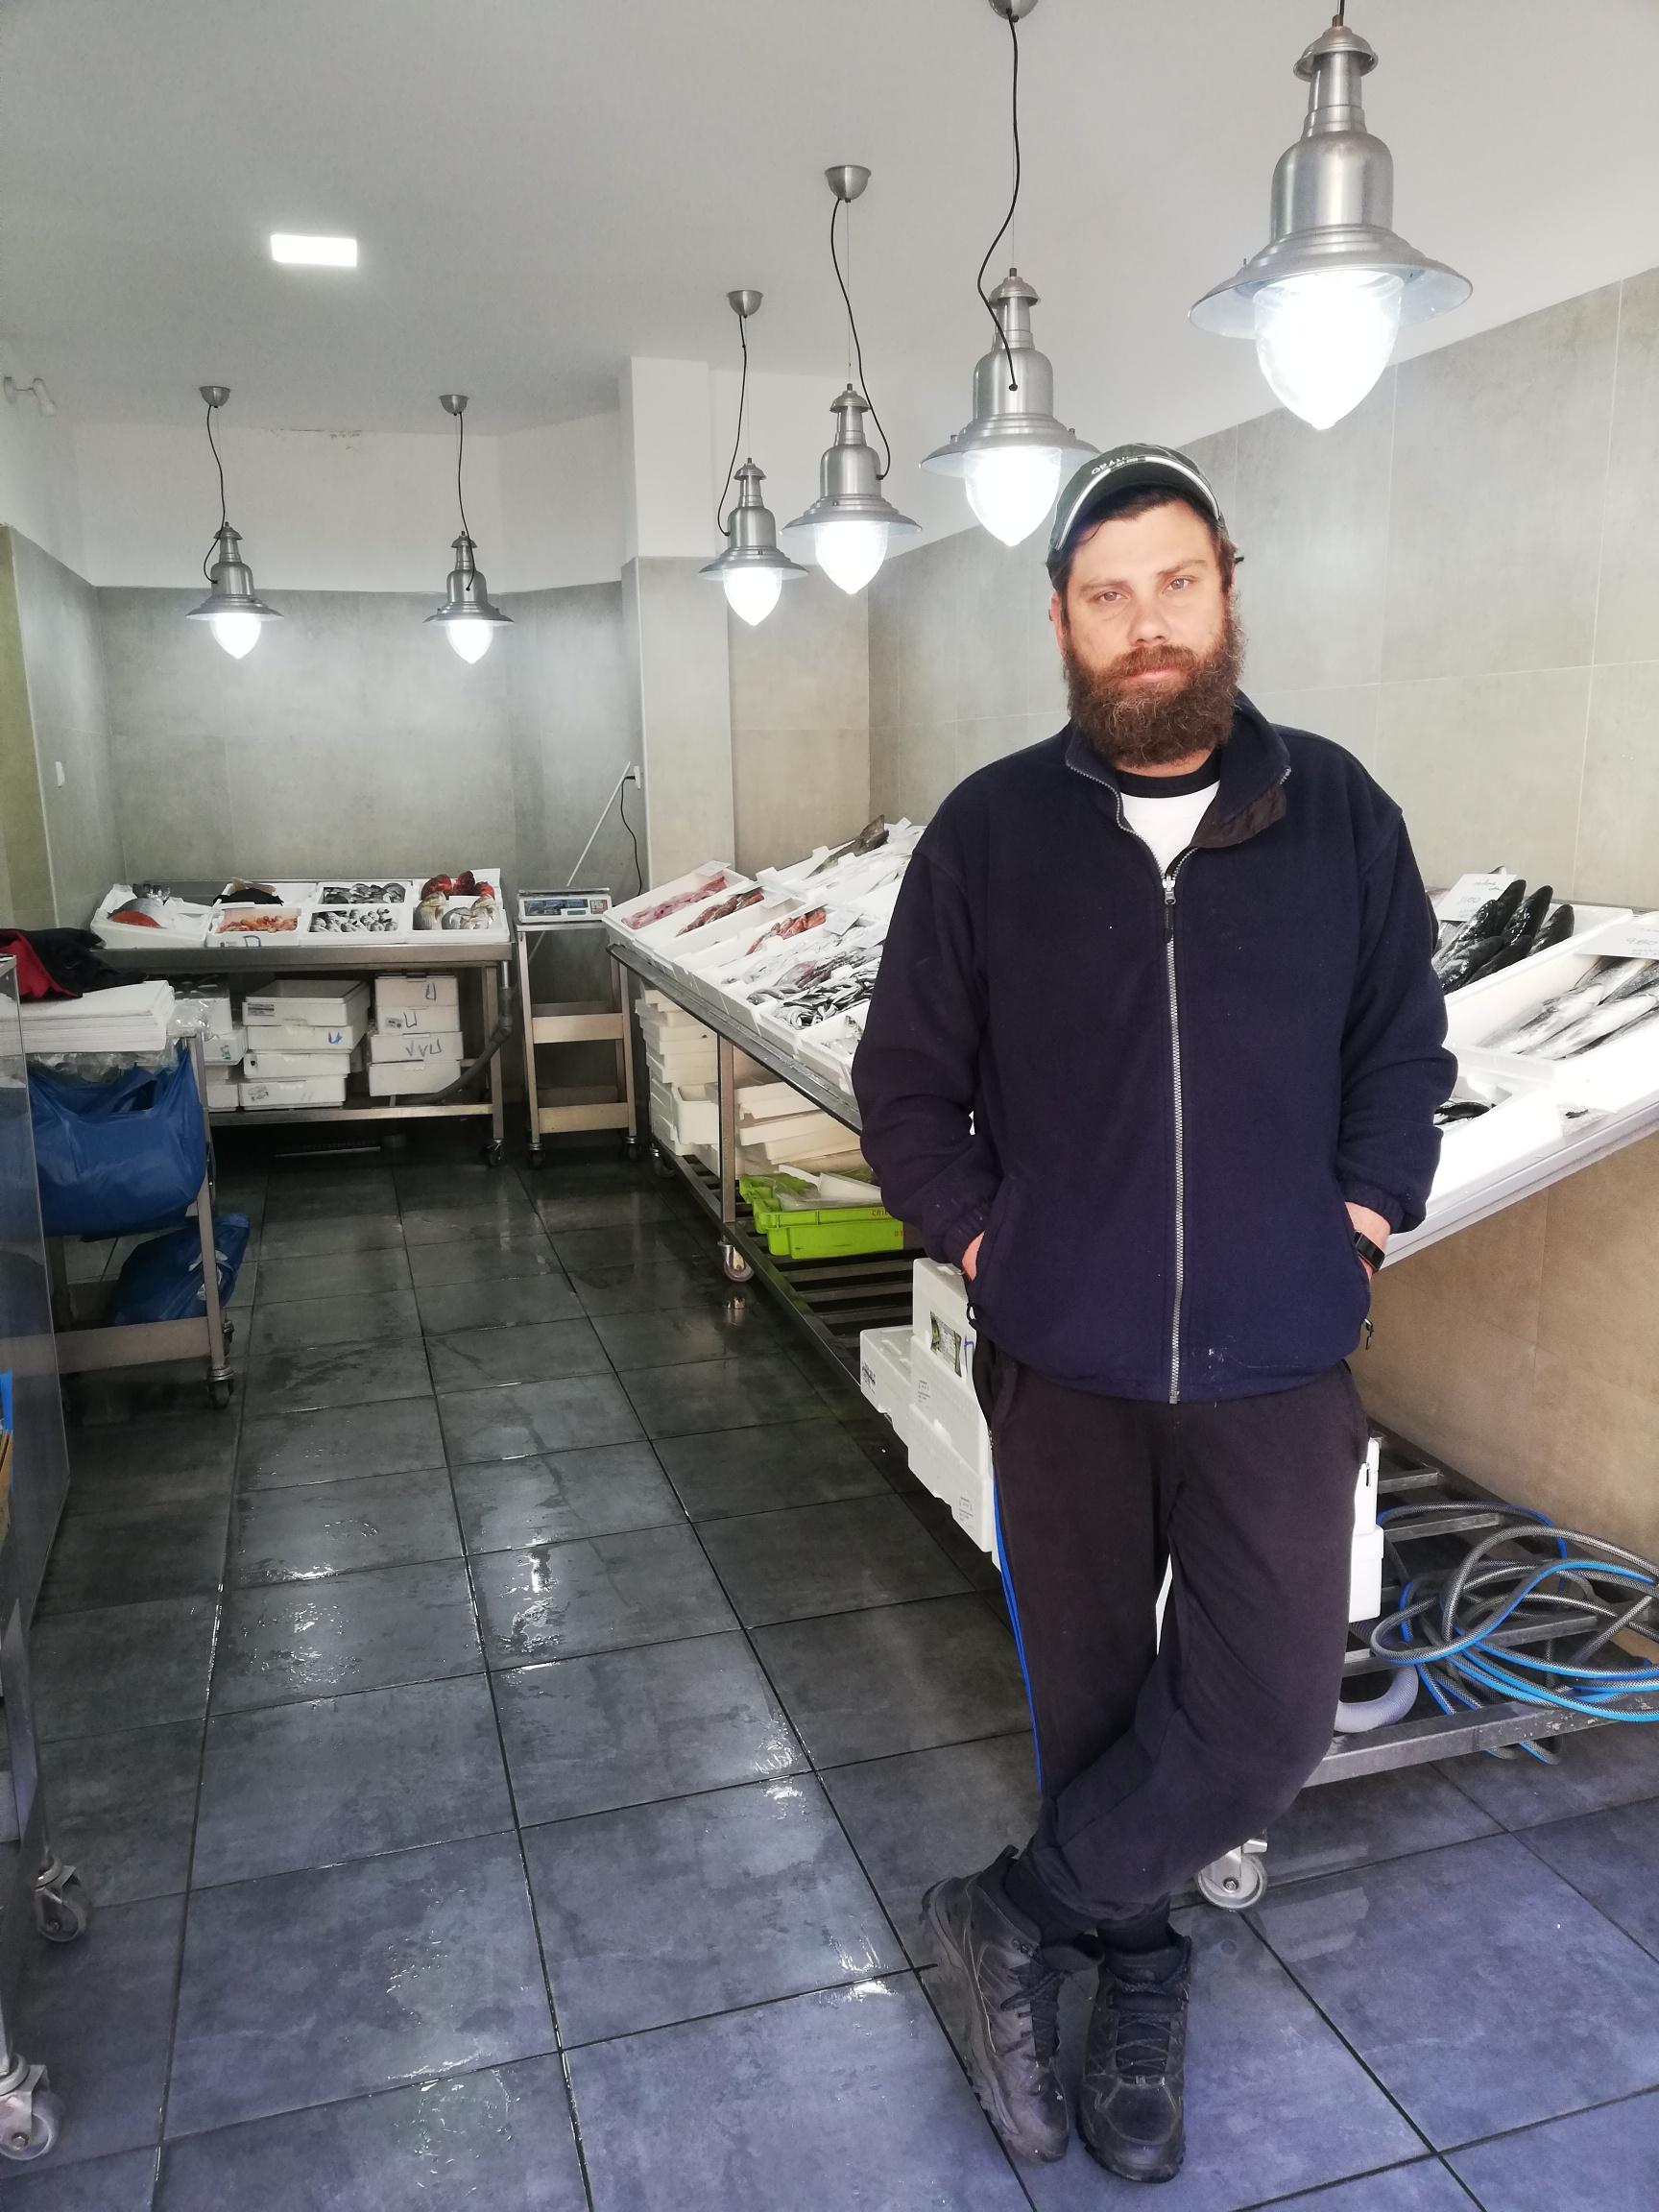 Γιώργος-Ψαράδικο Πάλλας - Success story φωτογραφία 4